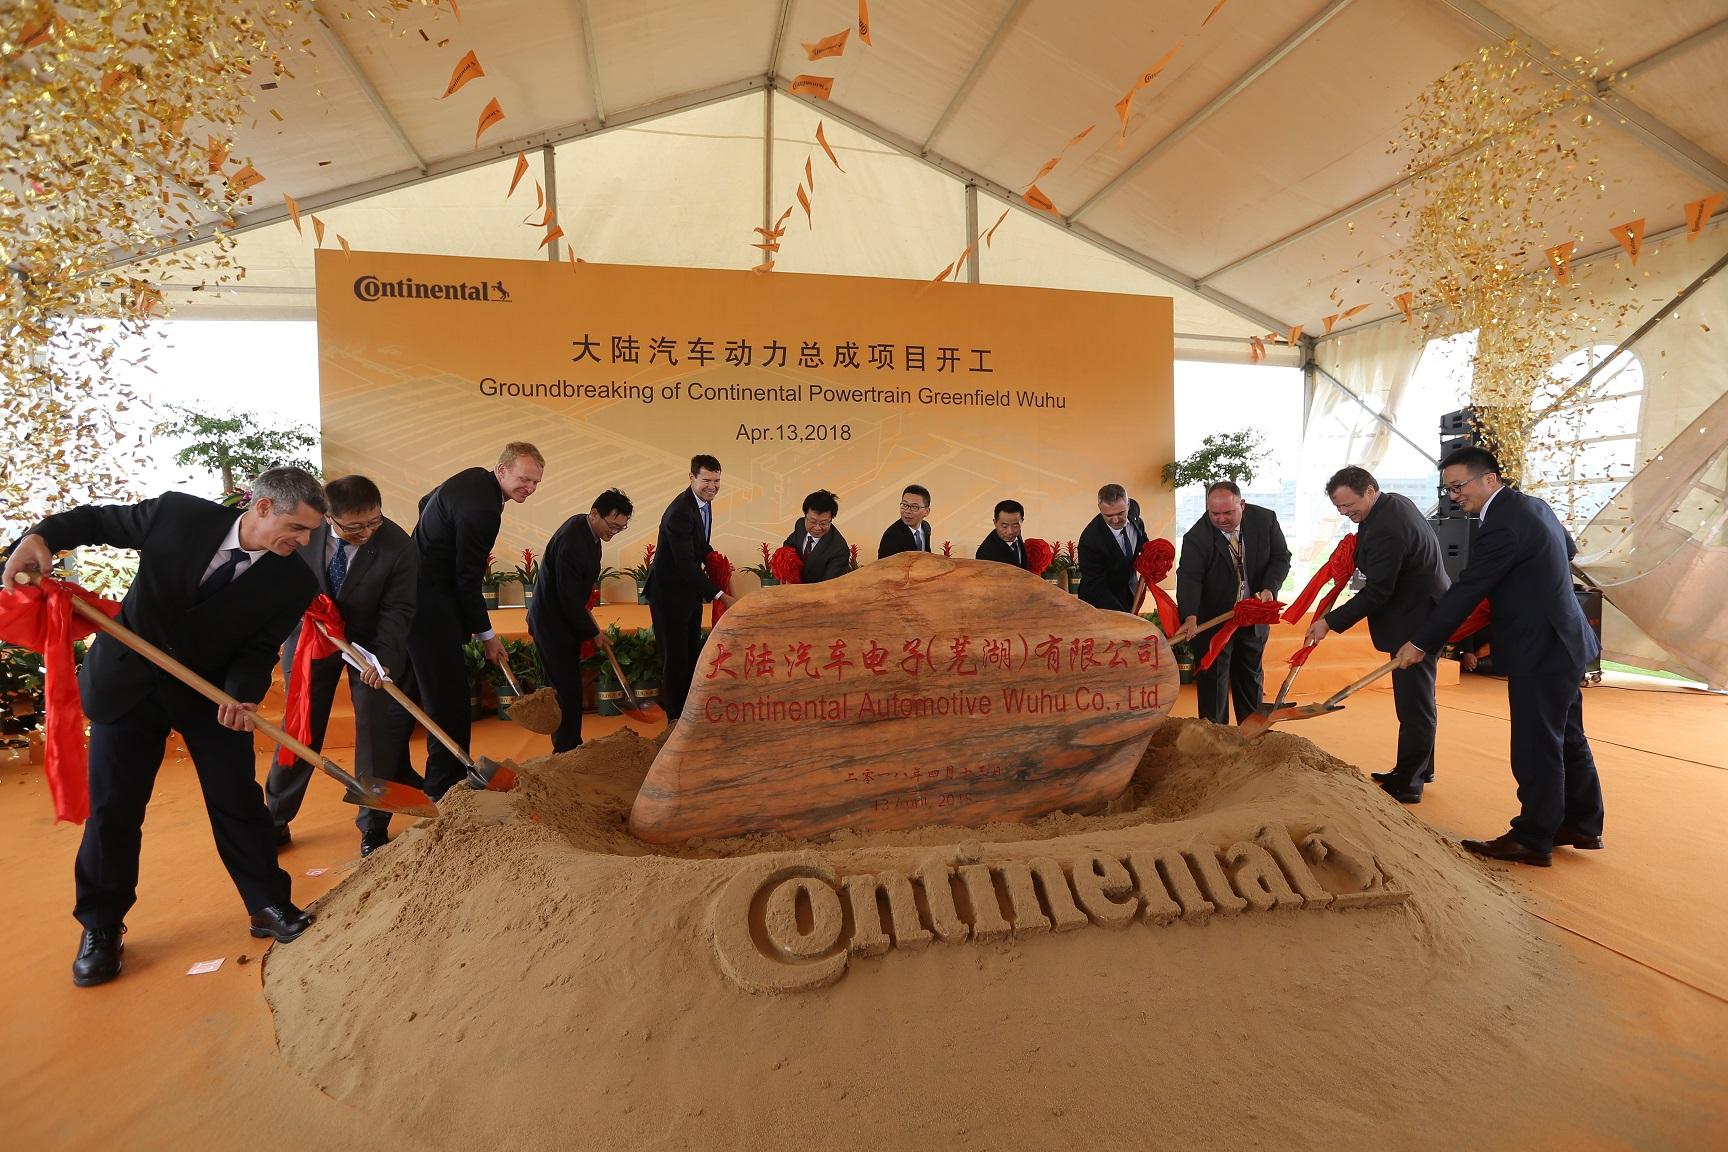 扩大动力总成产品线 大陆集团芜湖新工厂动工